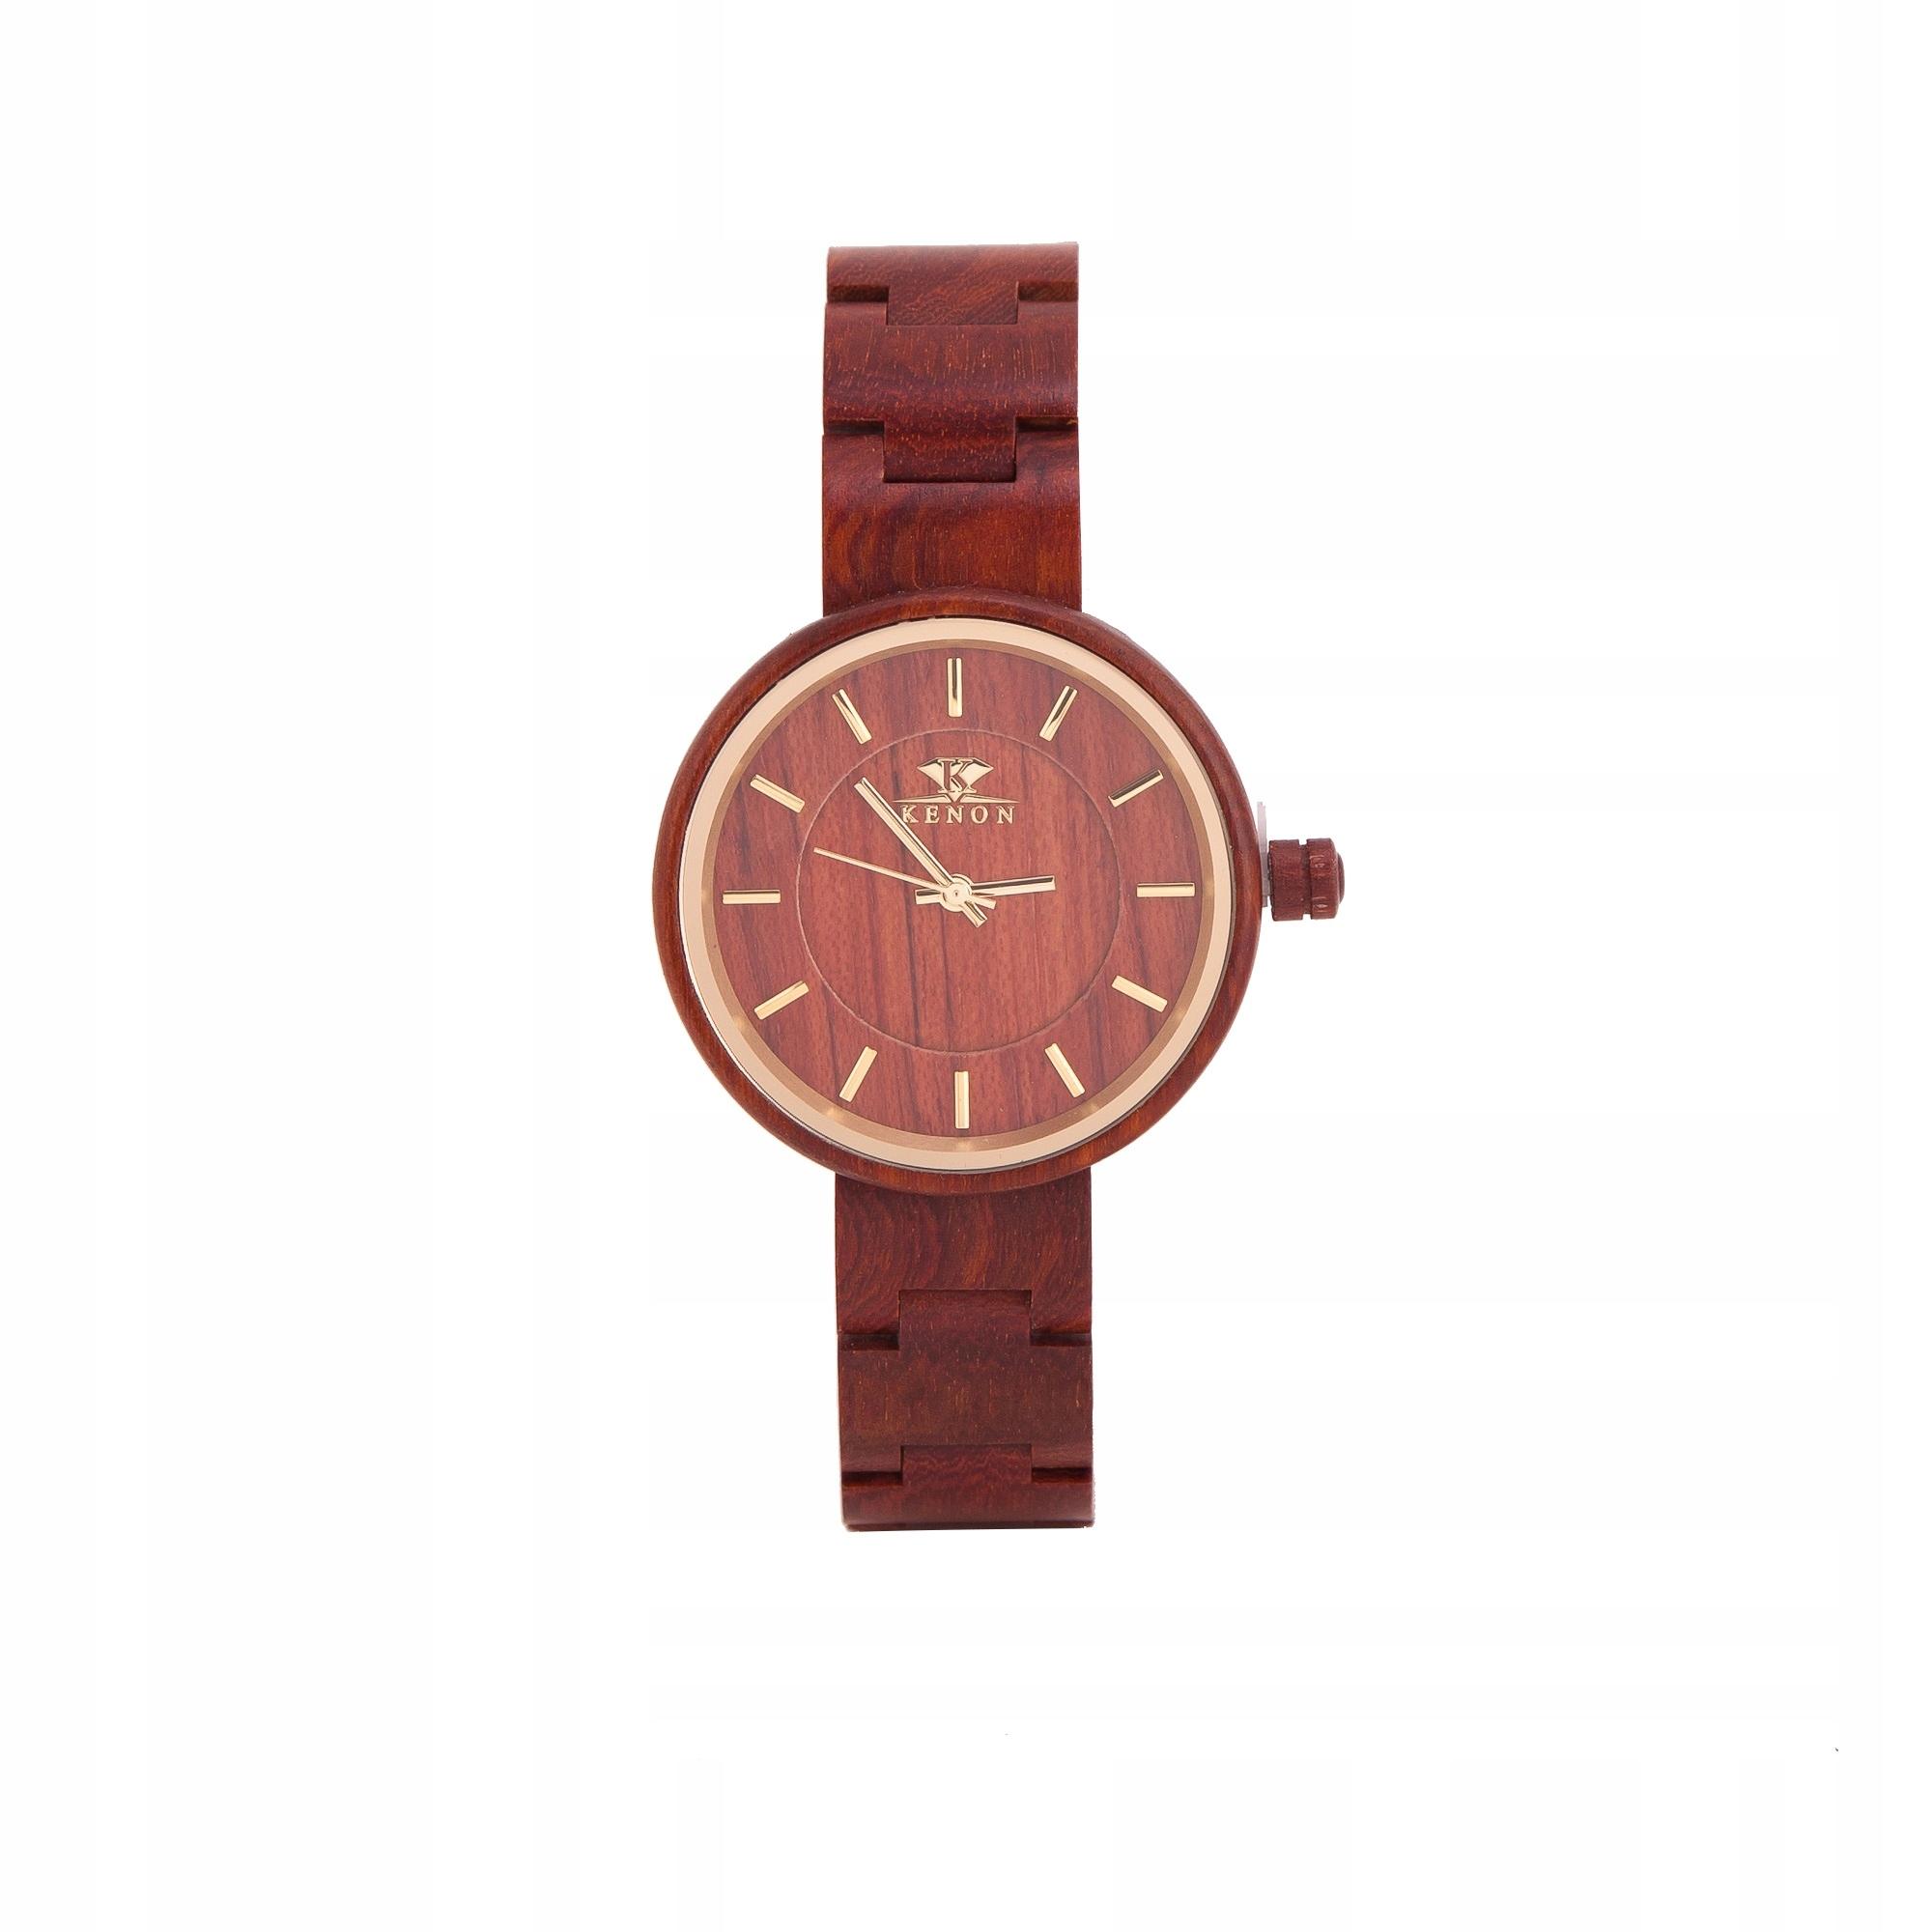 K KENON Drewniany zegarek dla niej i dla niego